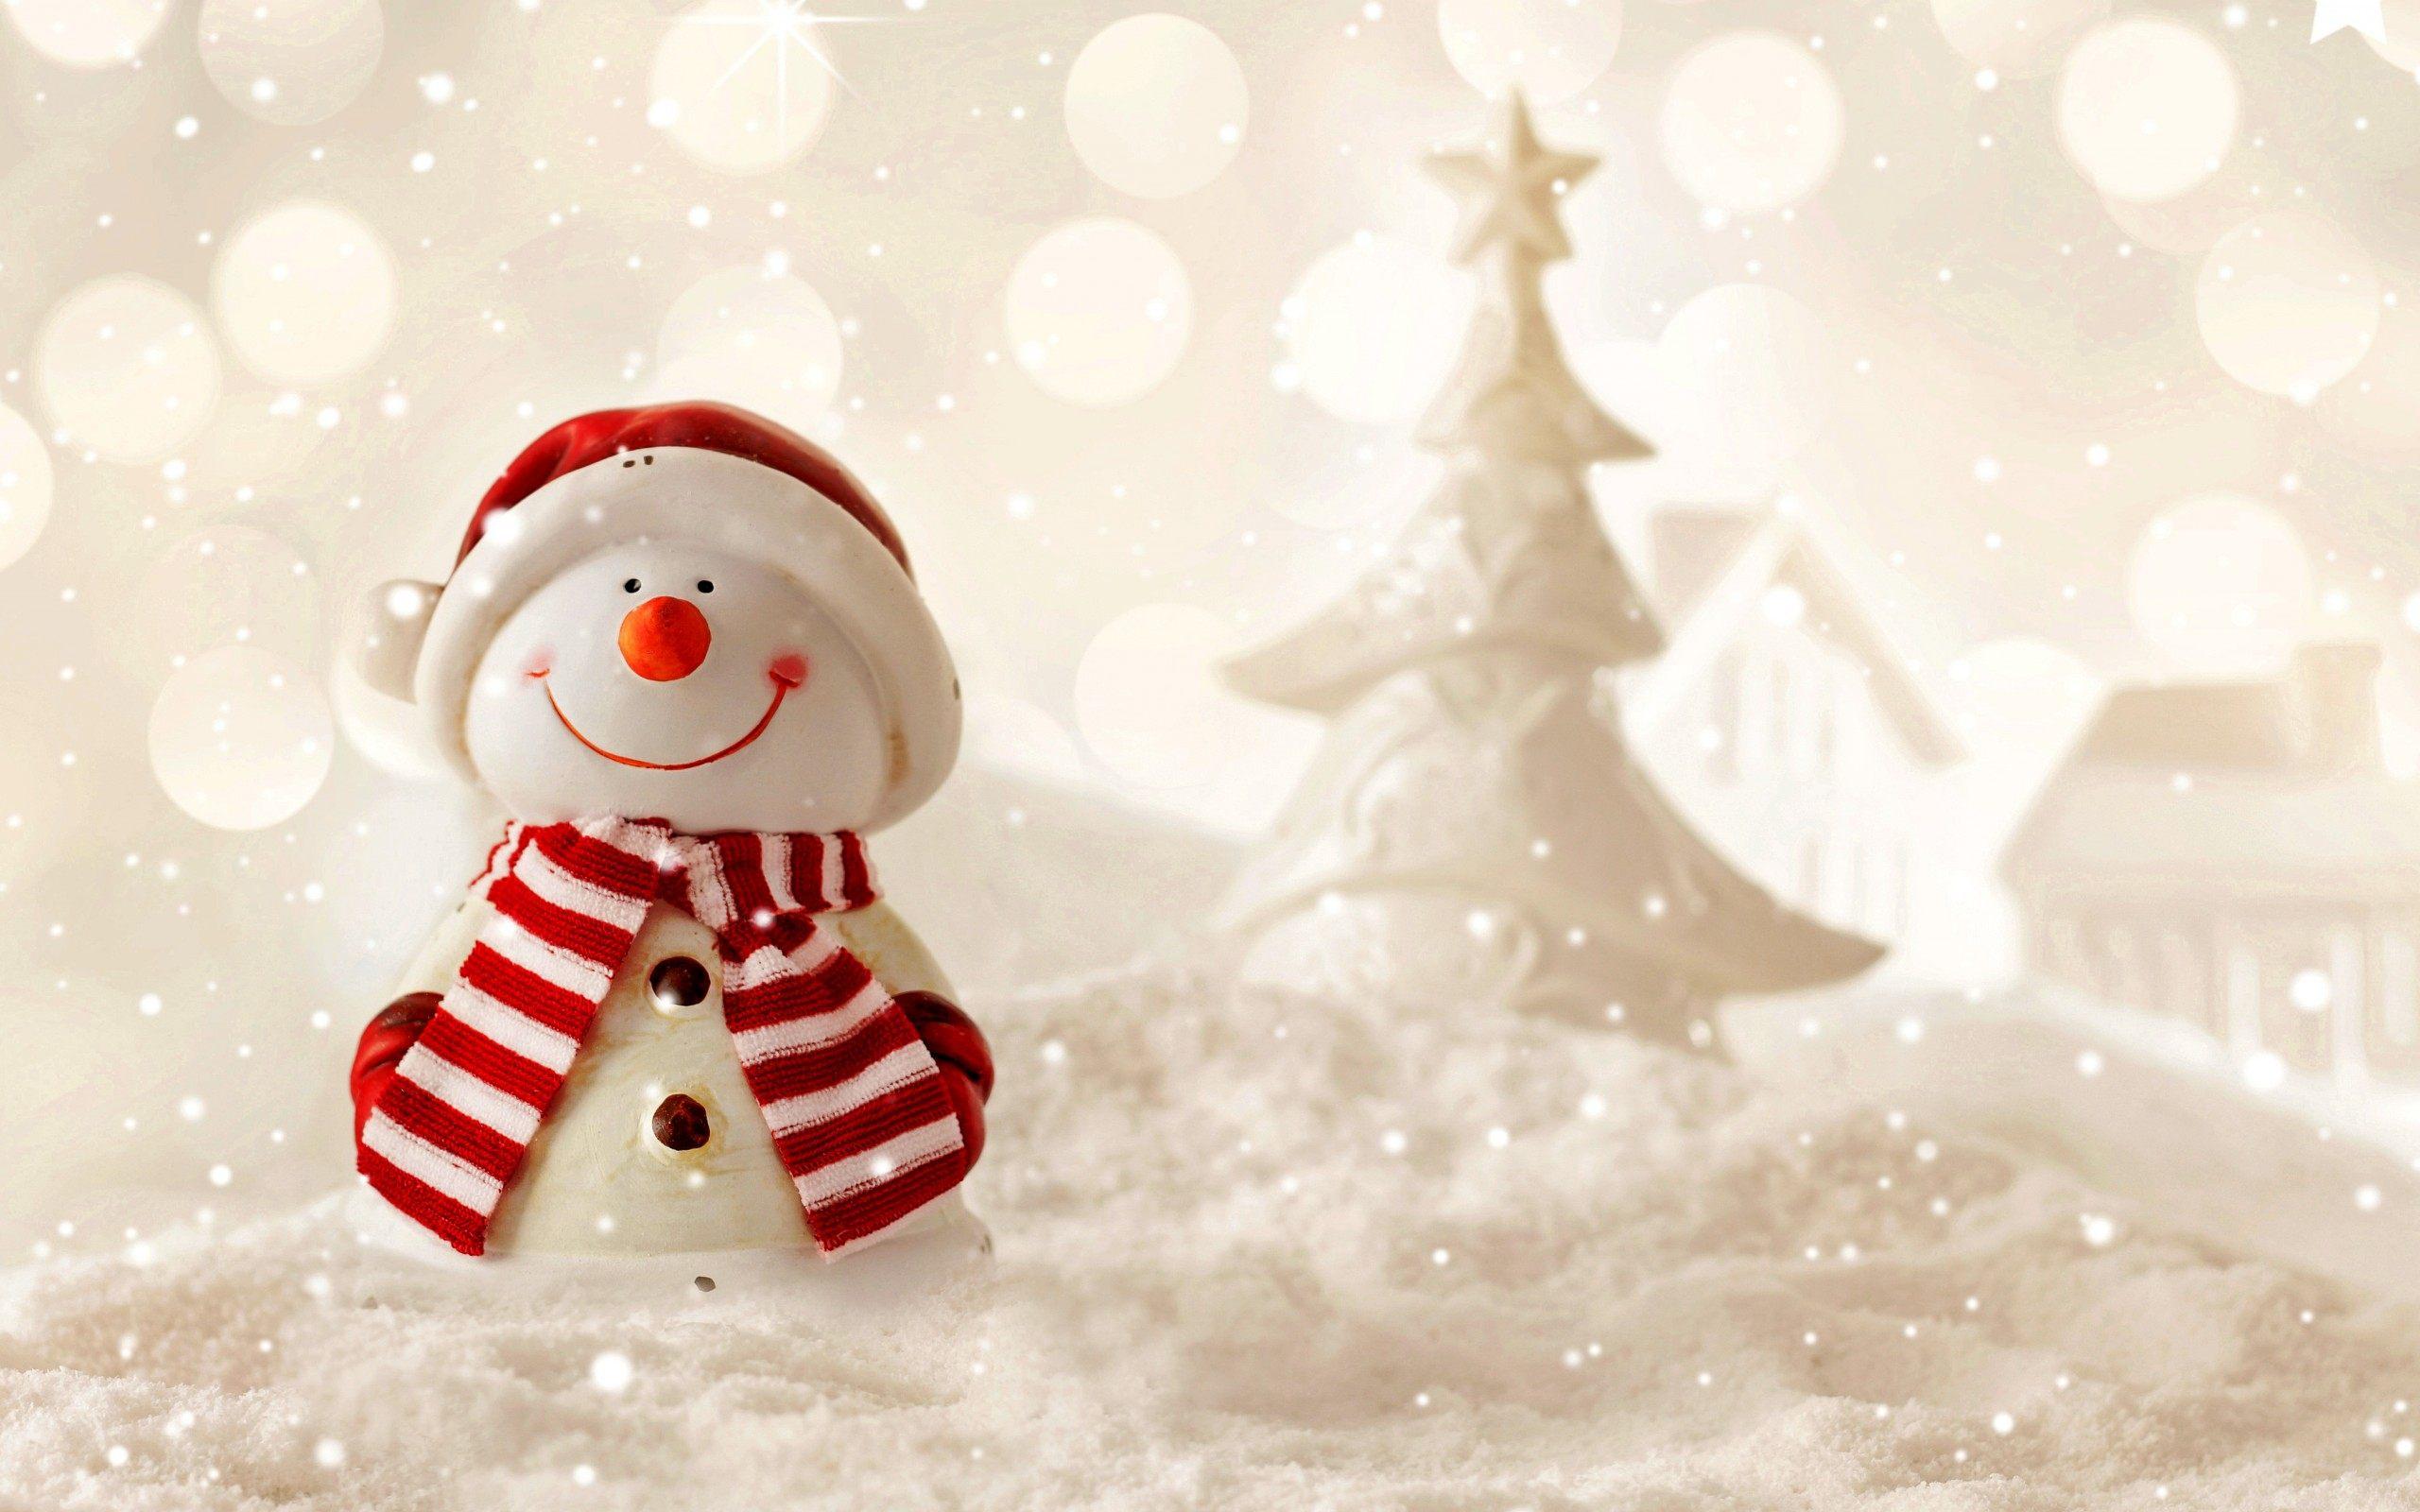 Snowman Background 2560x1600 Download Hd Wallpaper Wallpapertip